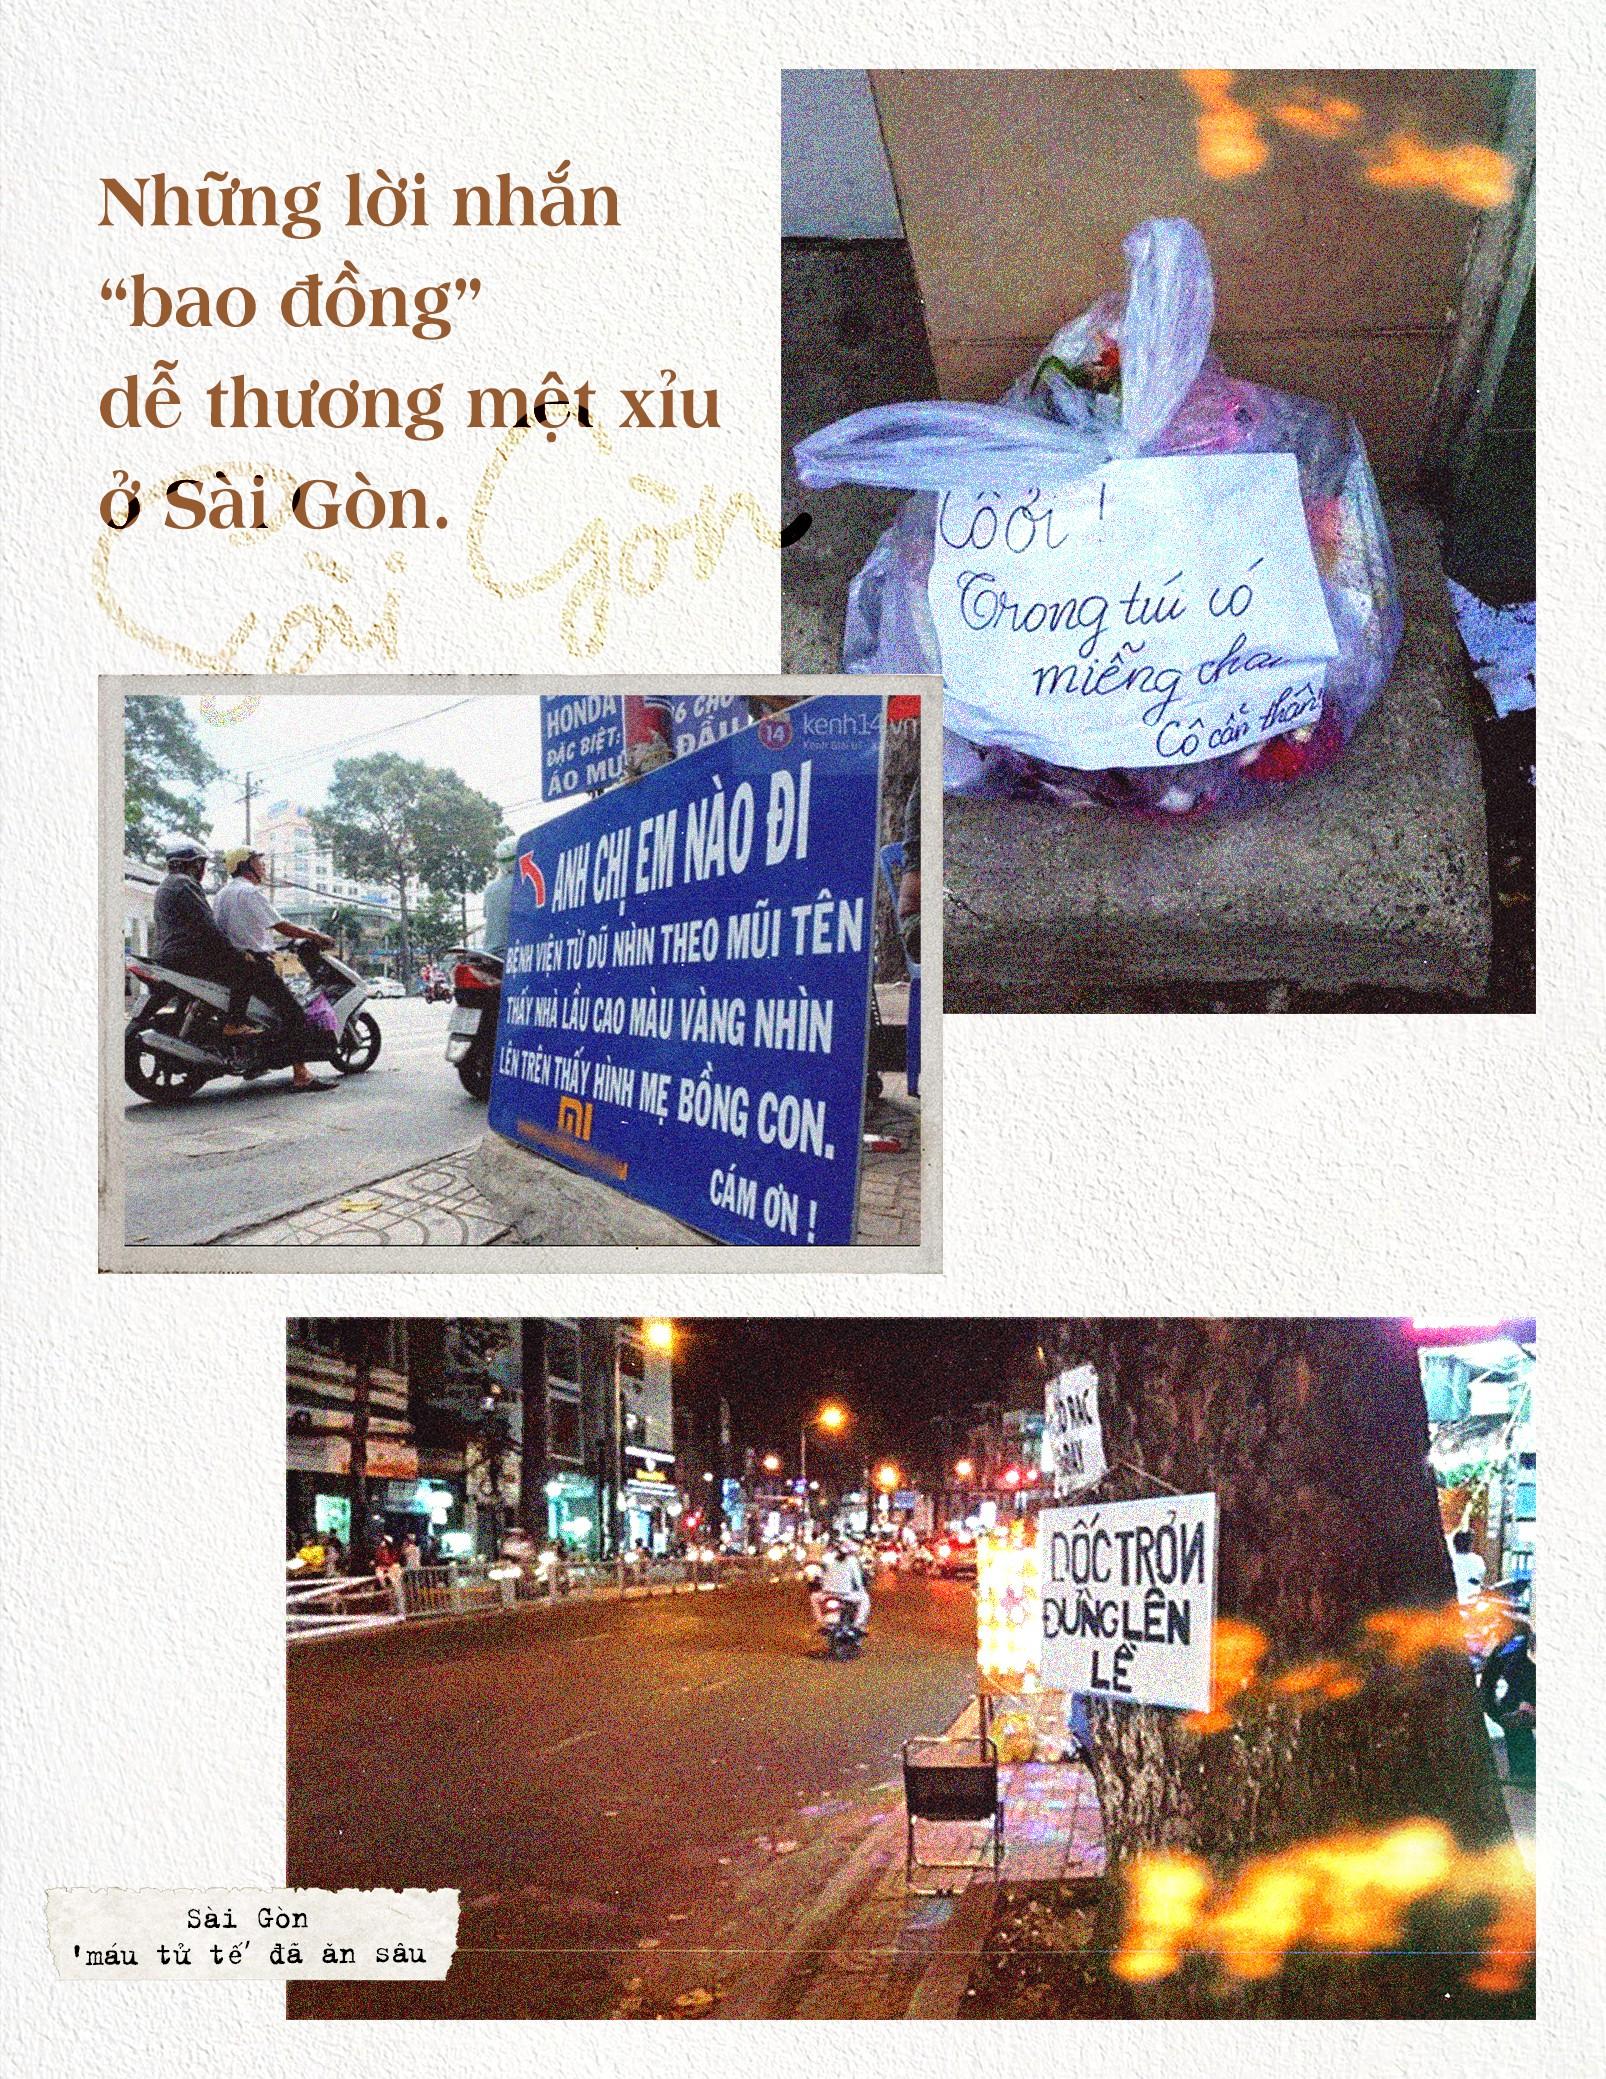 """Sài Gòn – """"Máu tử tế"""" đã ăn sâu - Ảnh 3."""